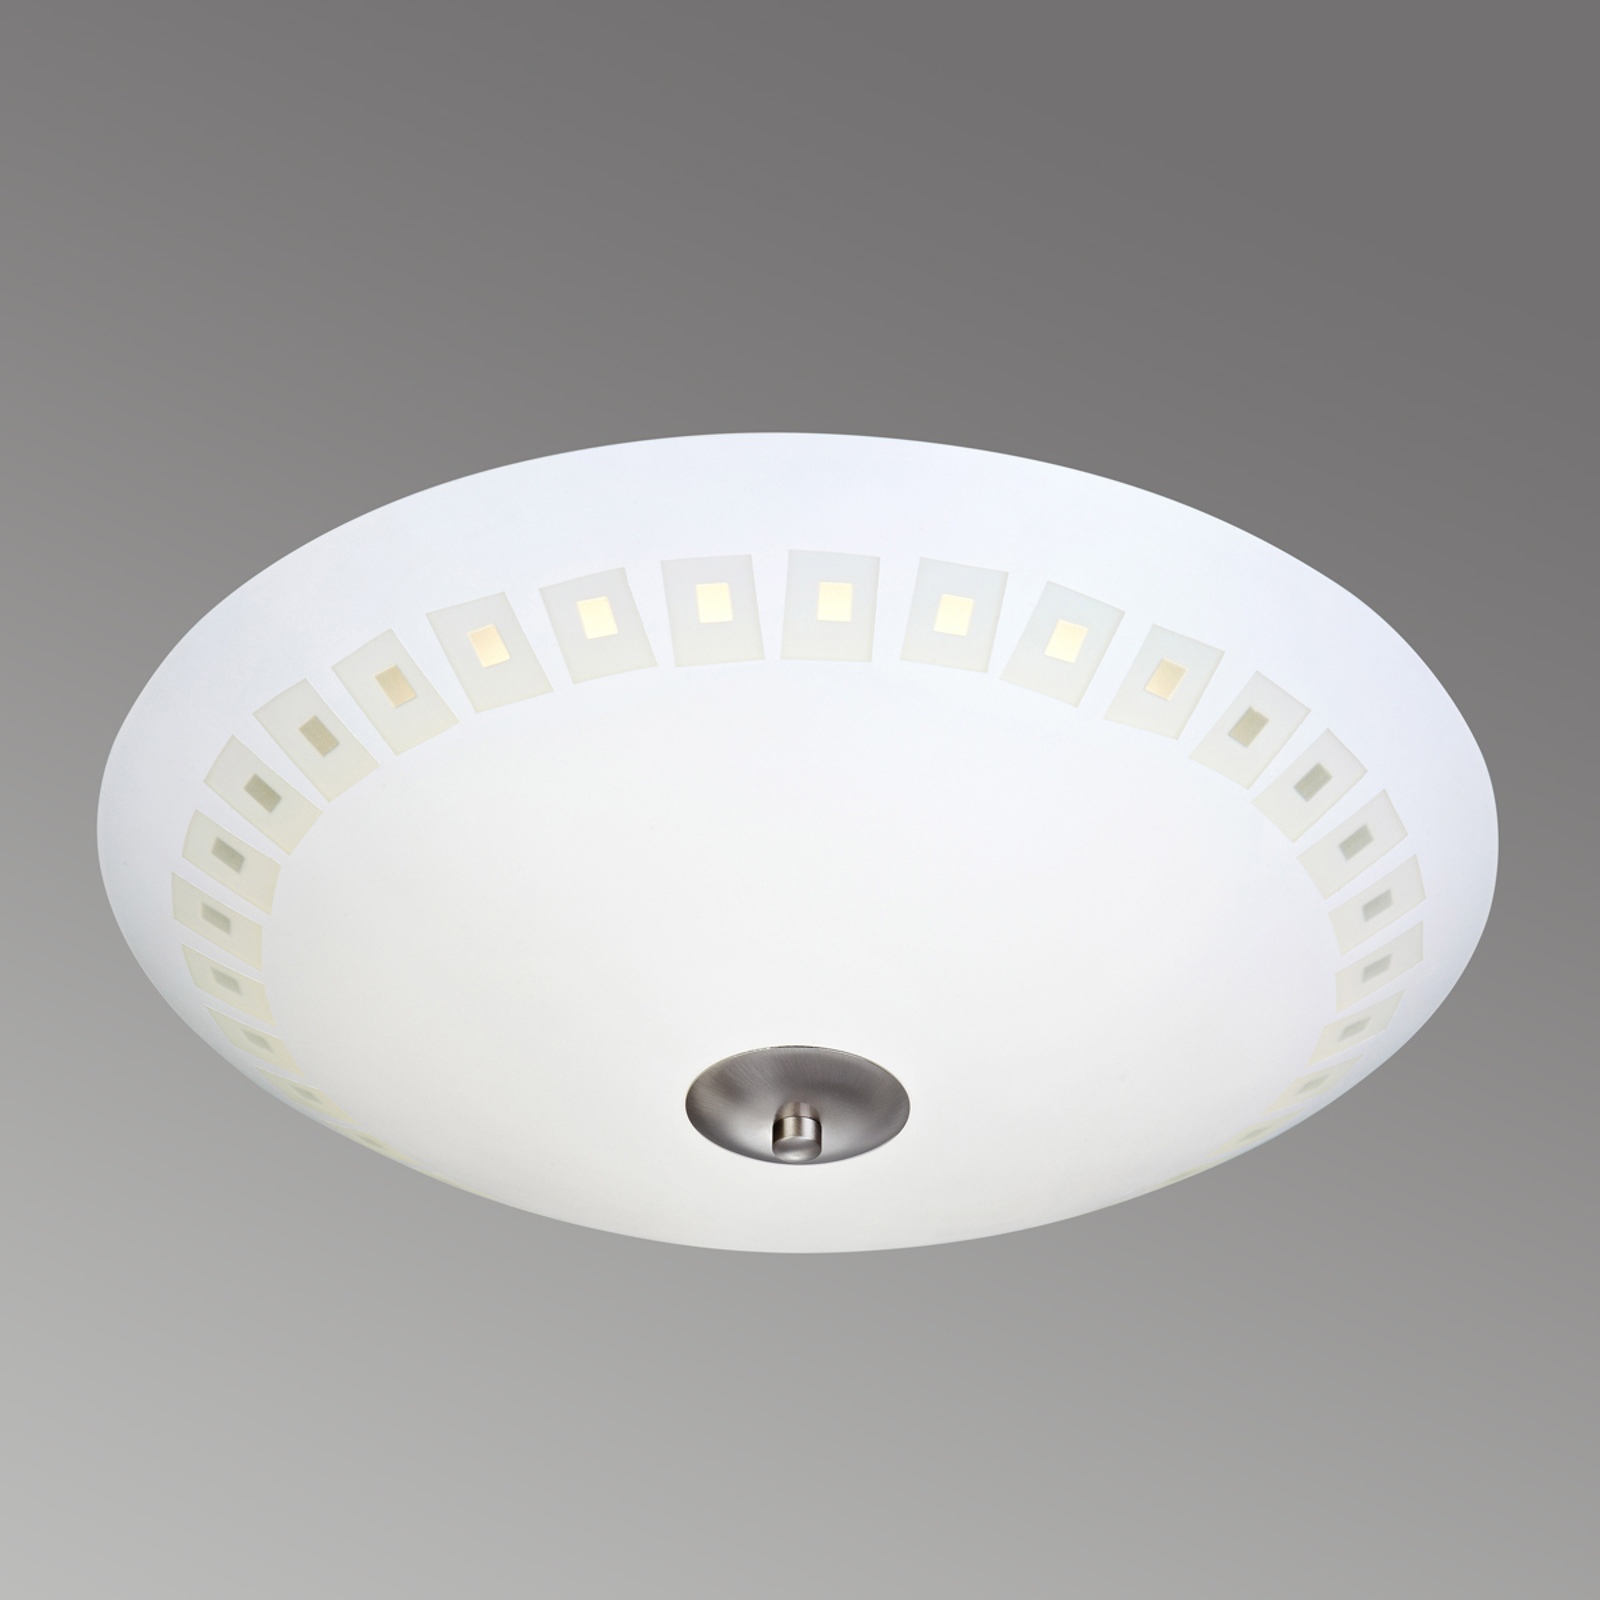 LED-Deckenleuchte Adria